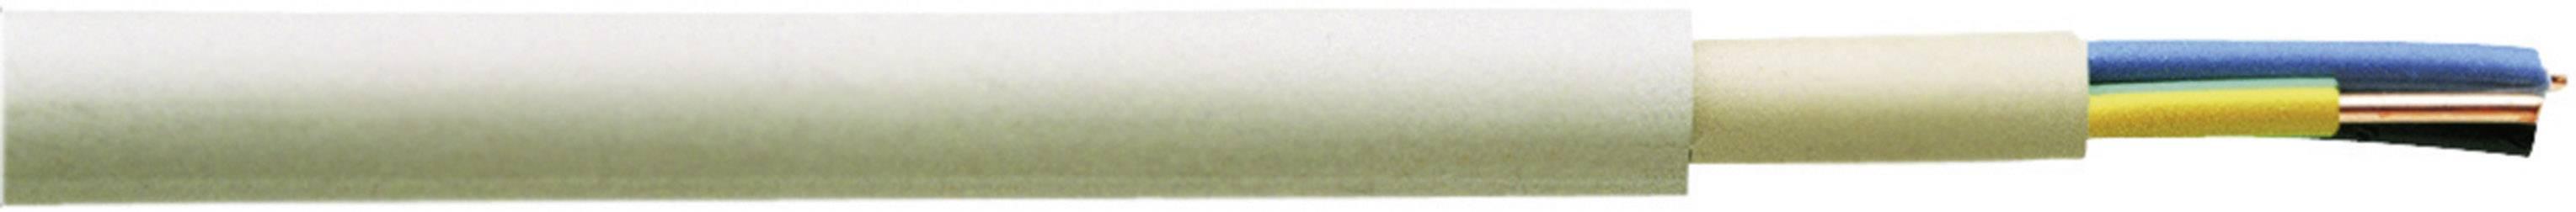 Opláštěné vedení Faber Kabel NYM-J 020009, 3 G 2.50 mm², 100 m, šedá